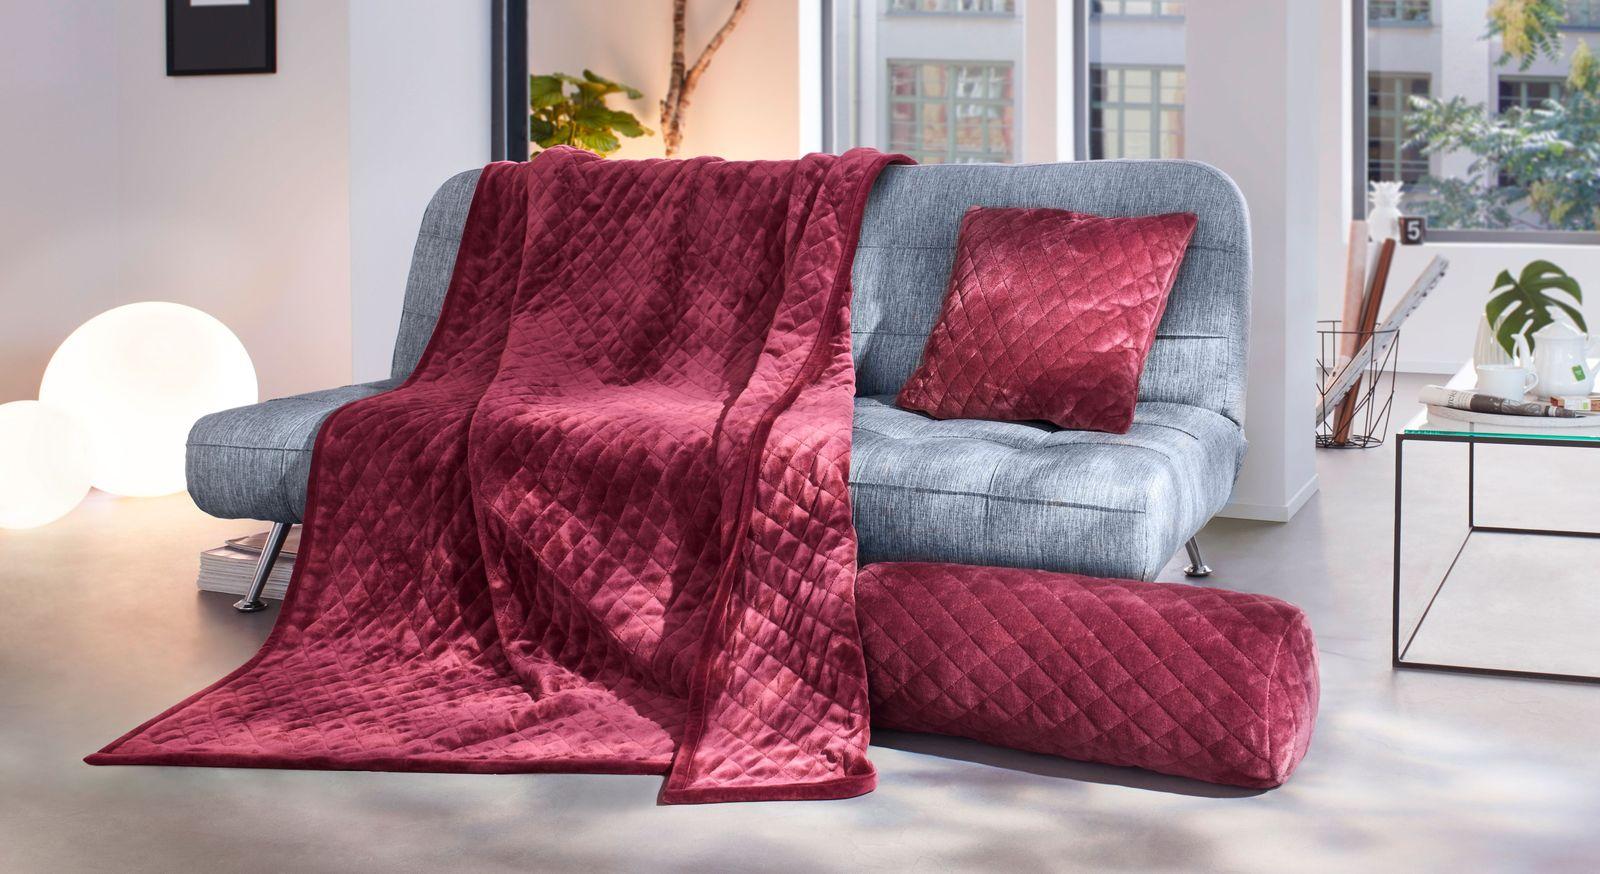 Wohndecke Traumglanz mit dazu passenden Kissen